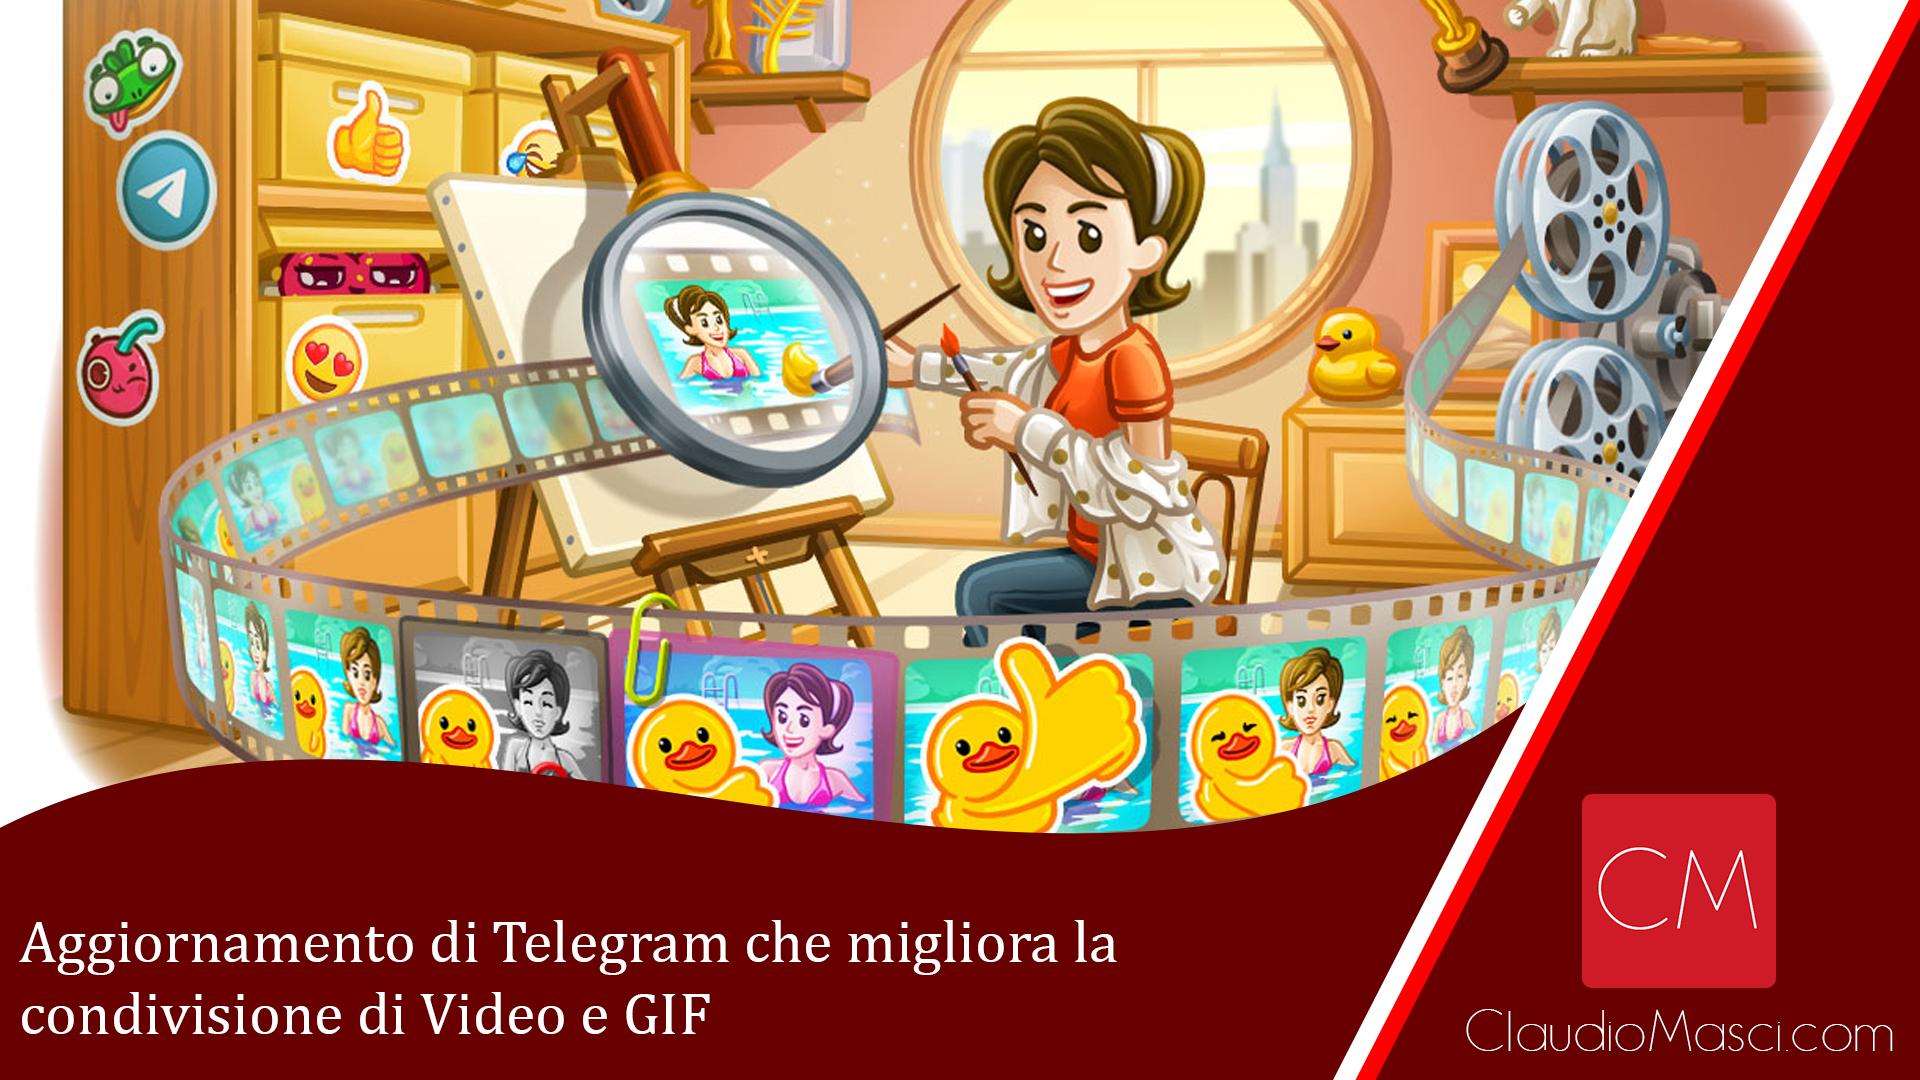 Aggiornamento di Telegram che migliora la condivisione di Video e GIF